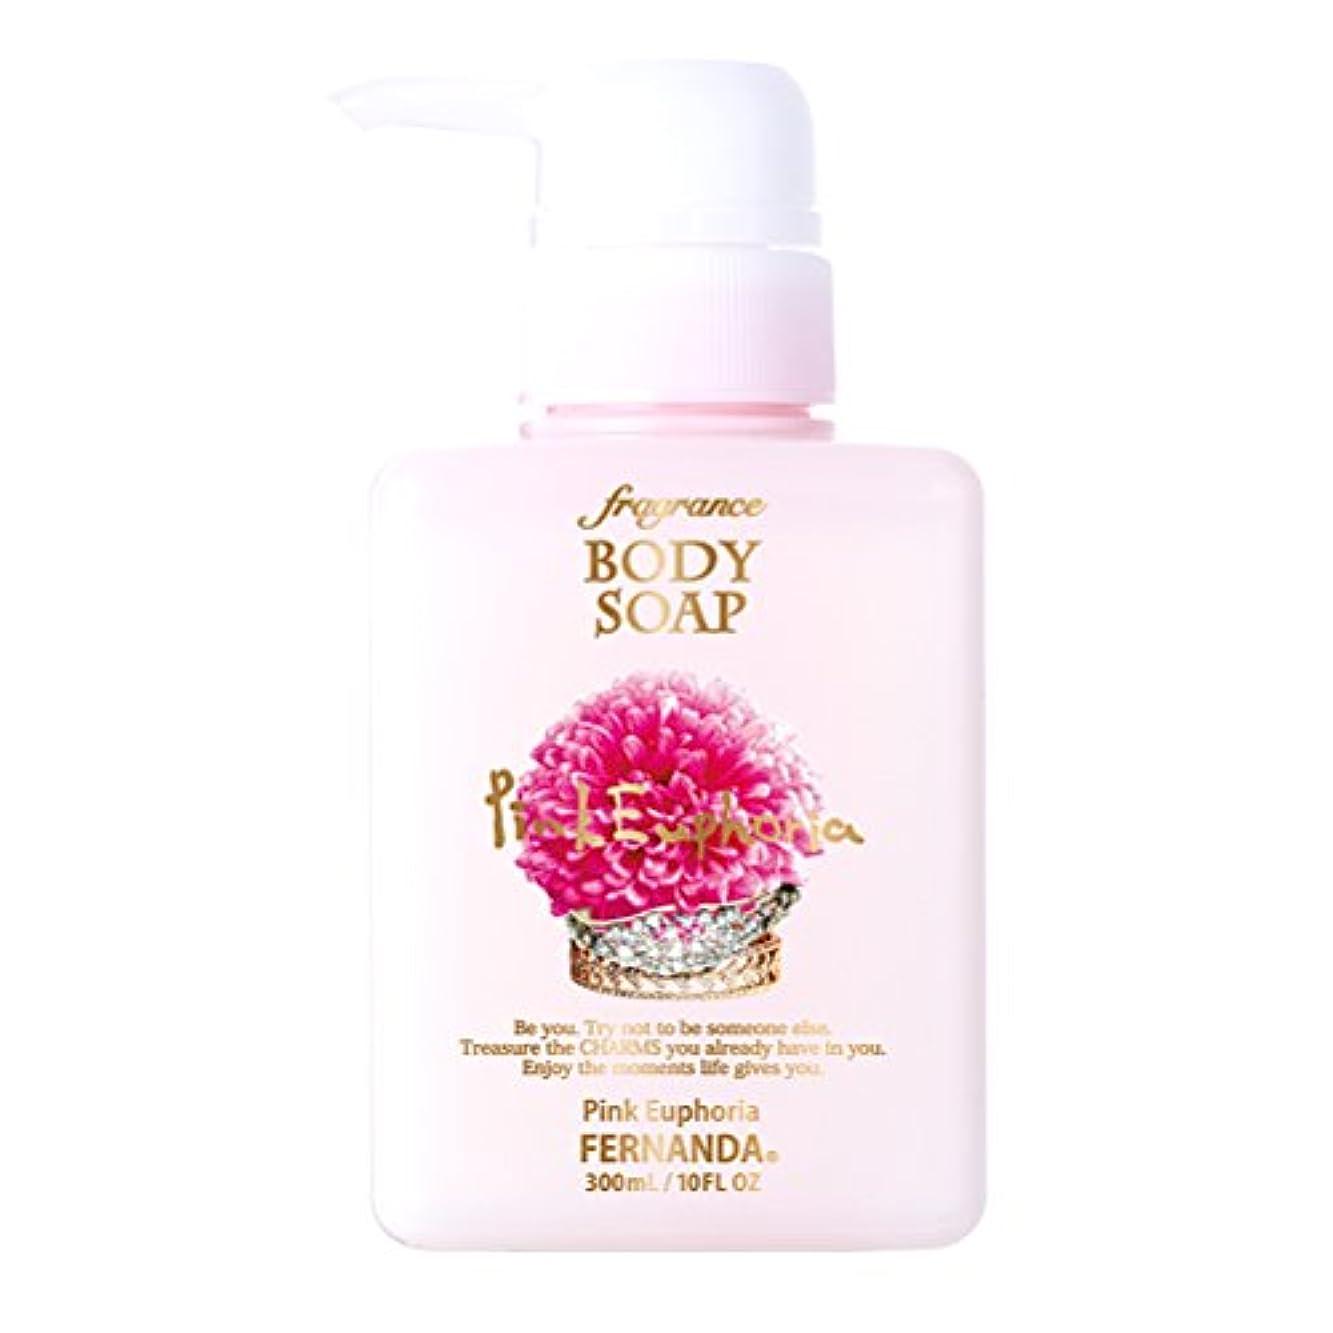 警報手書き武器FERNANDA(フェルナンダ) Fragrance Body Soap Pink Euphoria (ボディソープ ピンクエウフォリア)